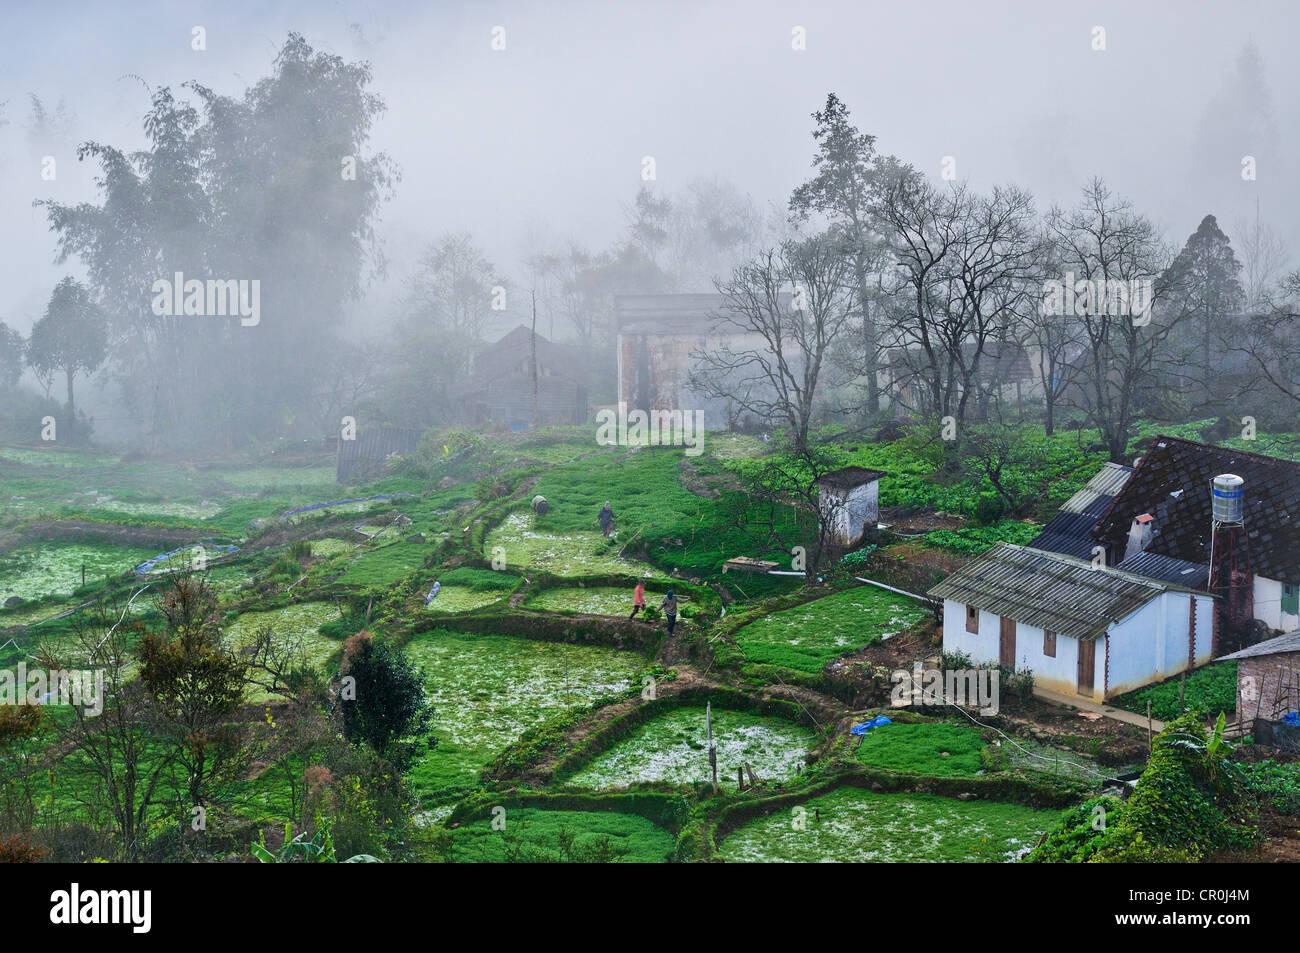 Casas, cultivos en terrazas, campos de hortalizas en la niebla cerca de Sapa Sa Pa, provincia de Lao Cai, Vietnam Imagen De Stock